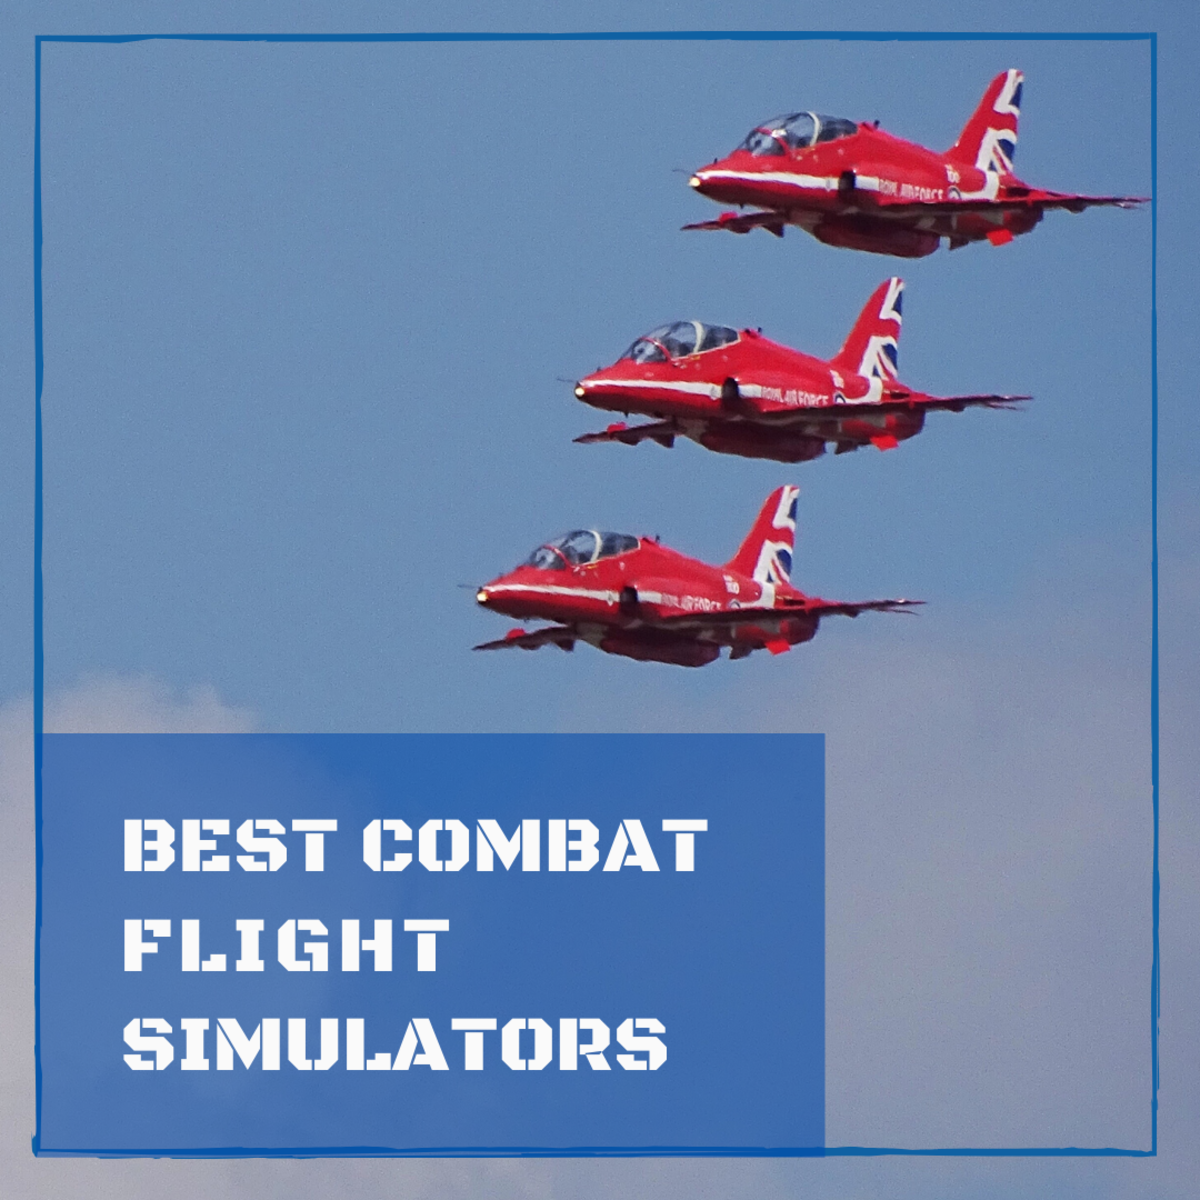 Best Combat Flight Simulators